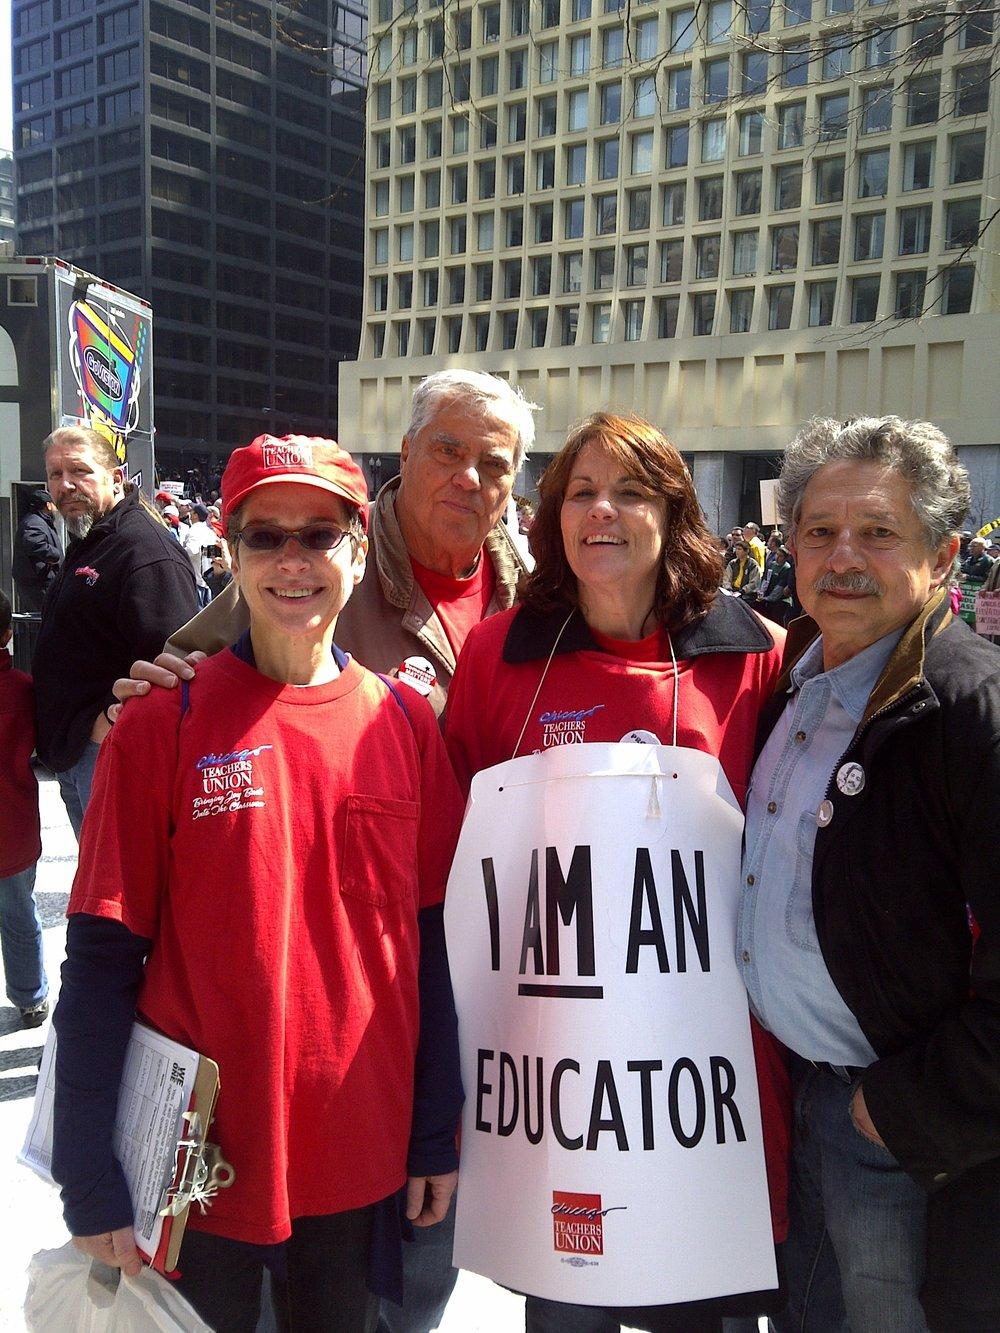 Union Rally Chicago with Susan Garza and Ed Sadlowski Sr April 2011